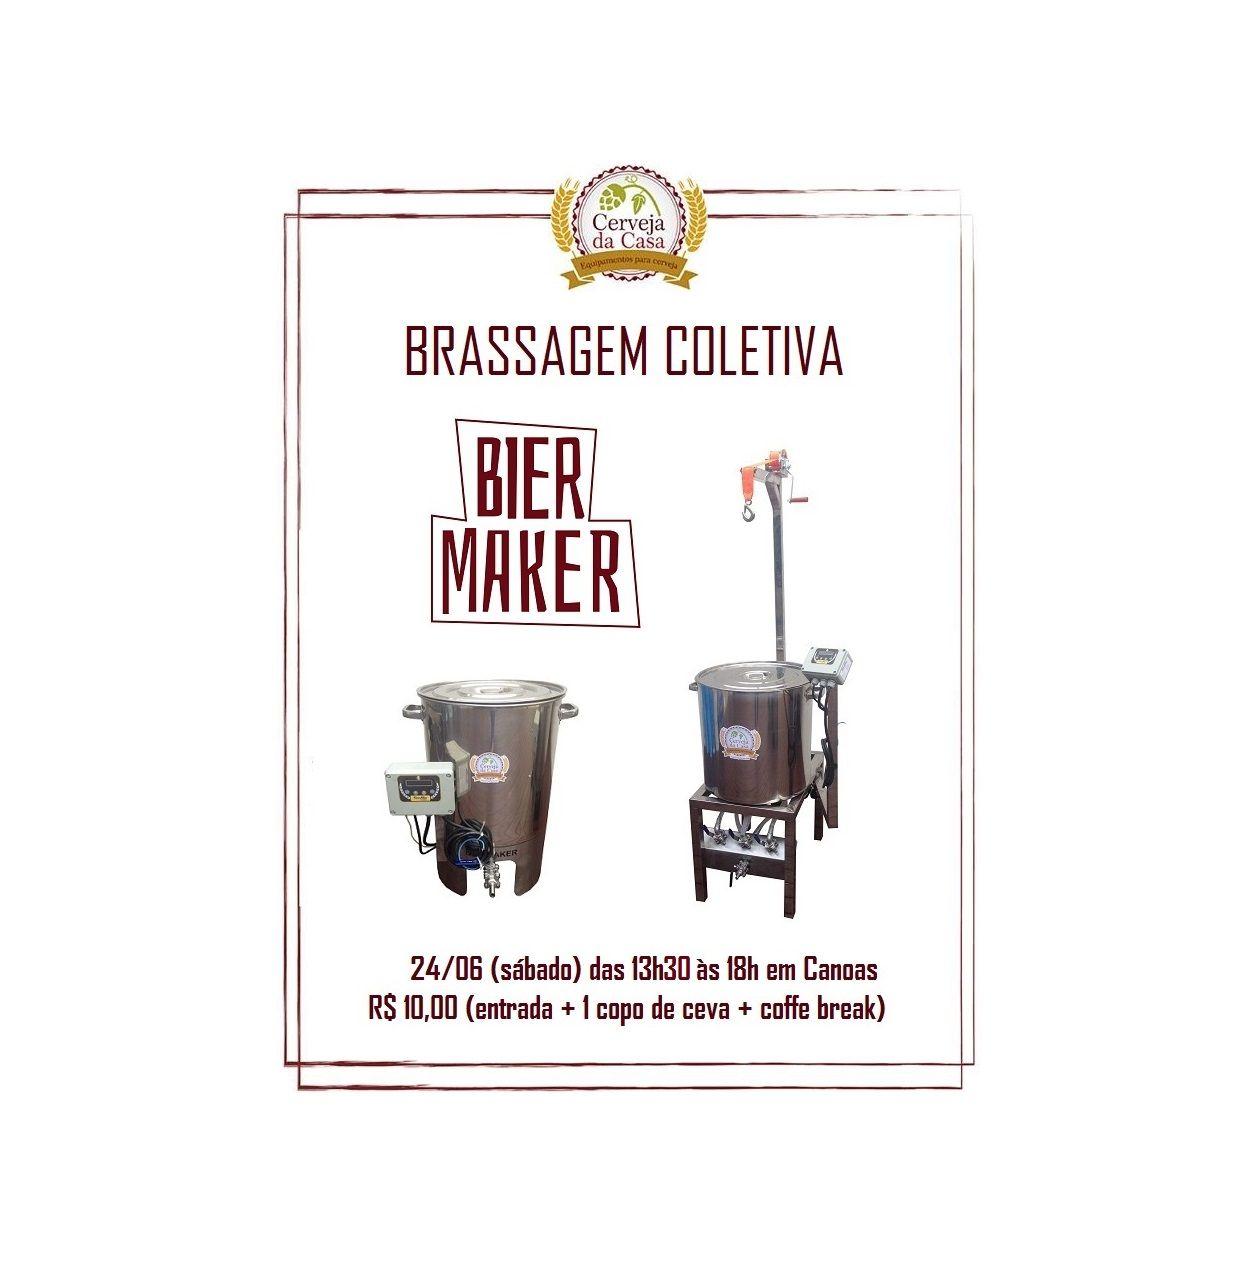 Brassagem Coletiva BierMaker 24/06/2017